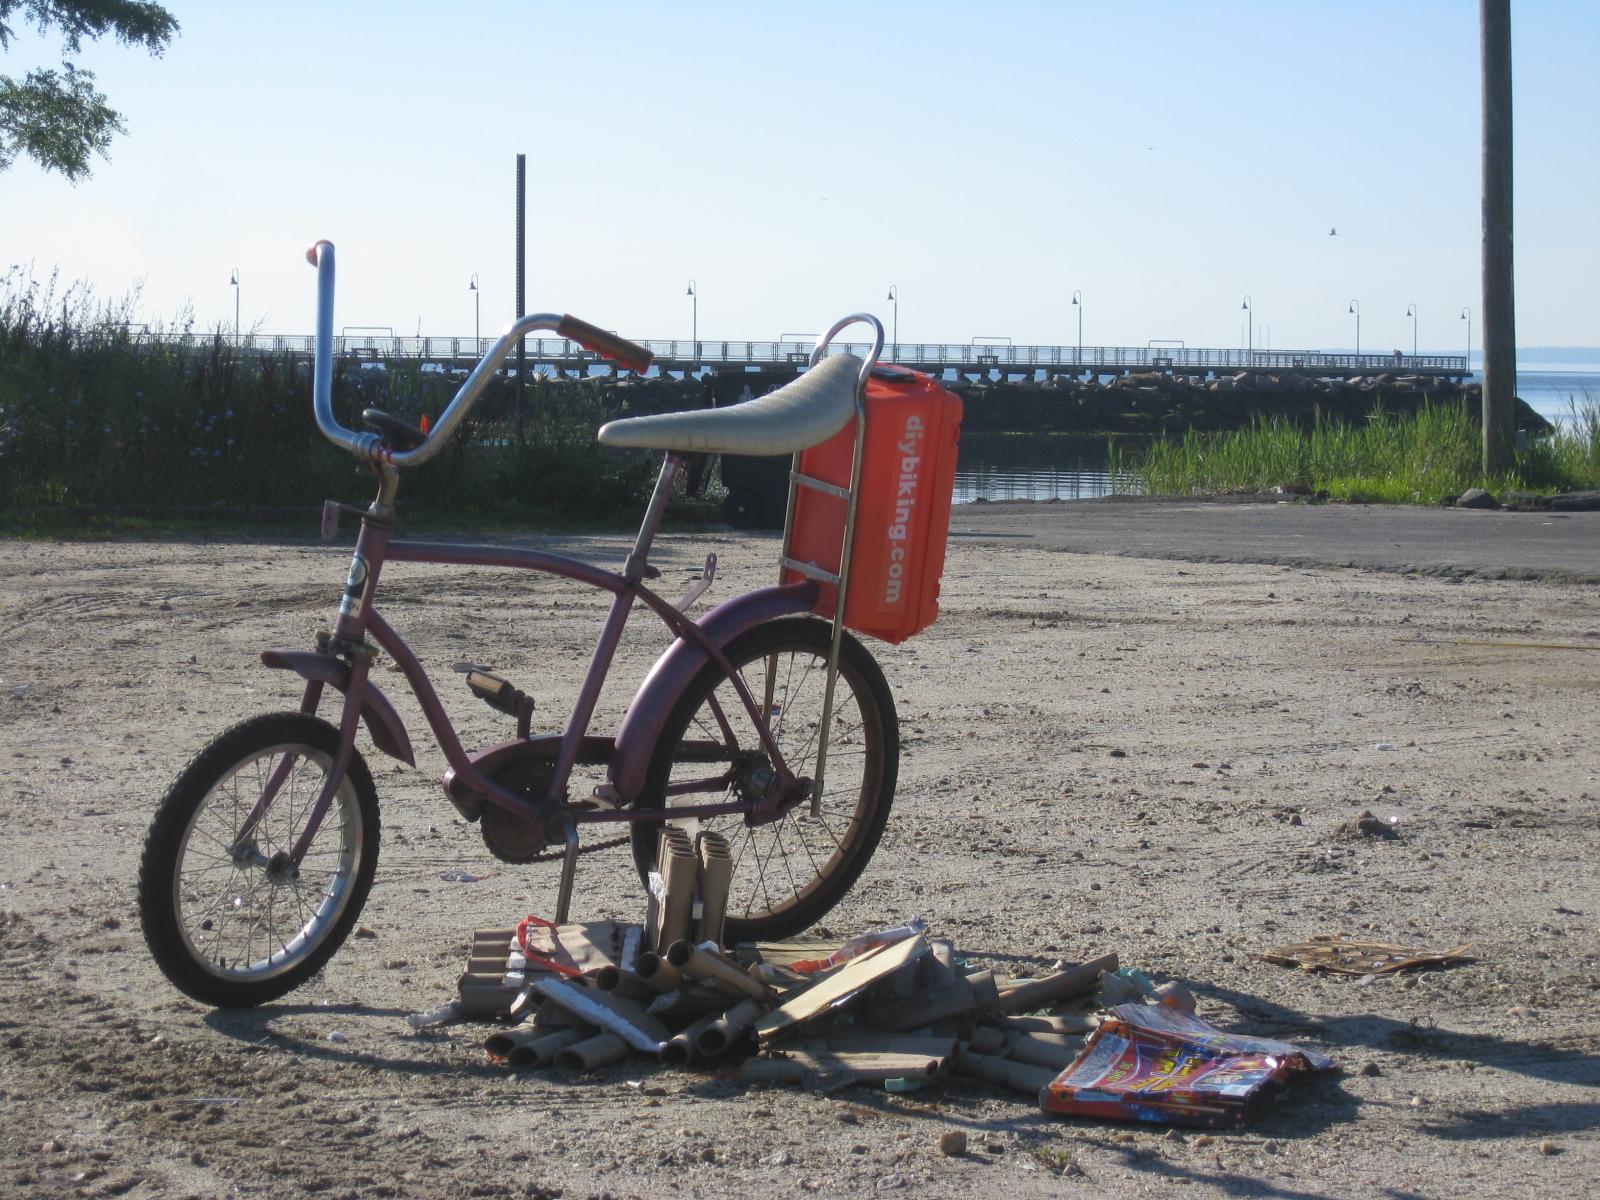 Diy Biking How Bike Builds Bike Travel And Bike Life Can